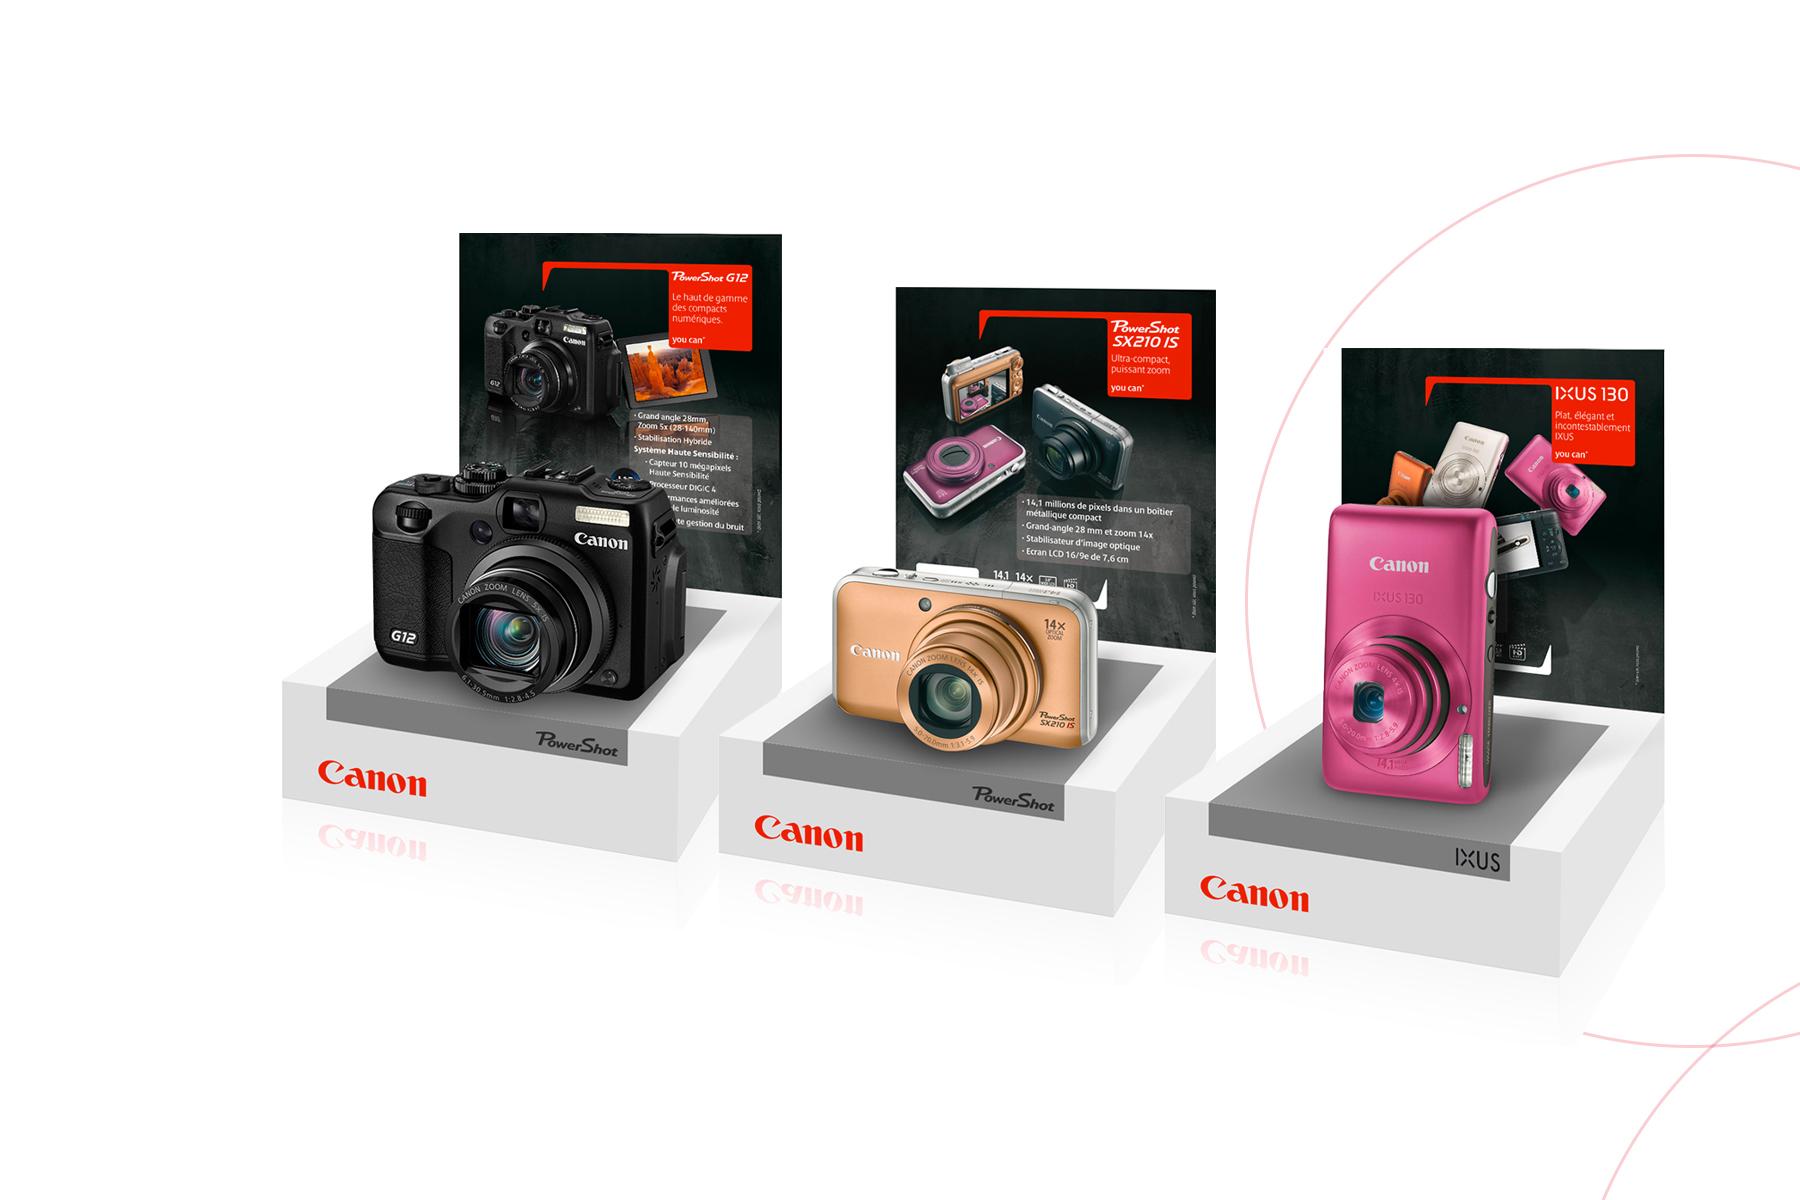 canon-appareil-photo-plv-agence-communication-et-création-graphique-quelque-chose-en-plus